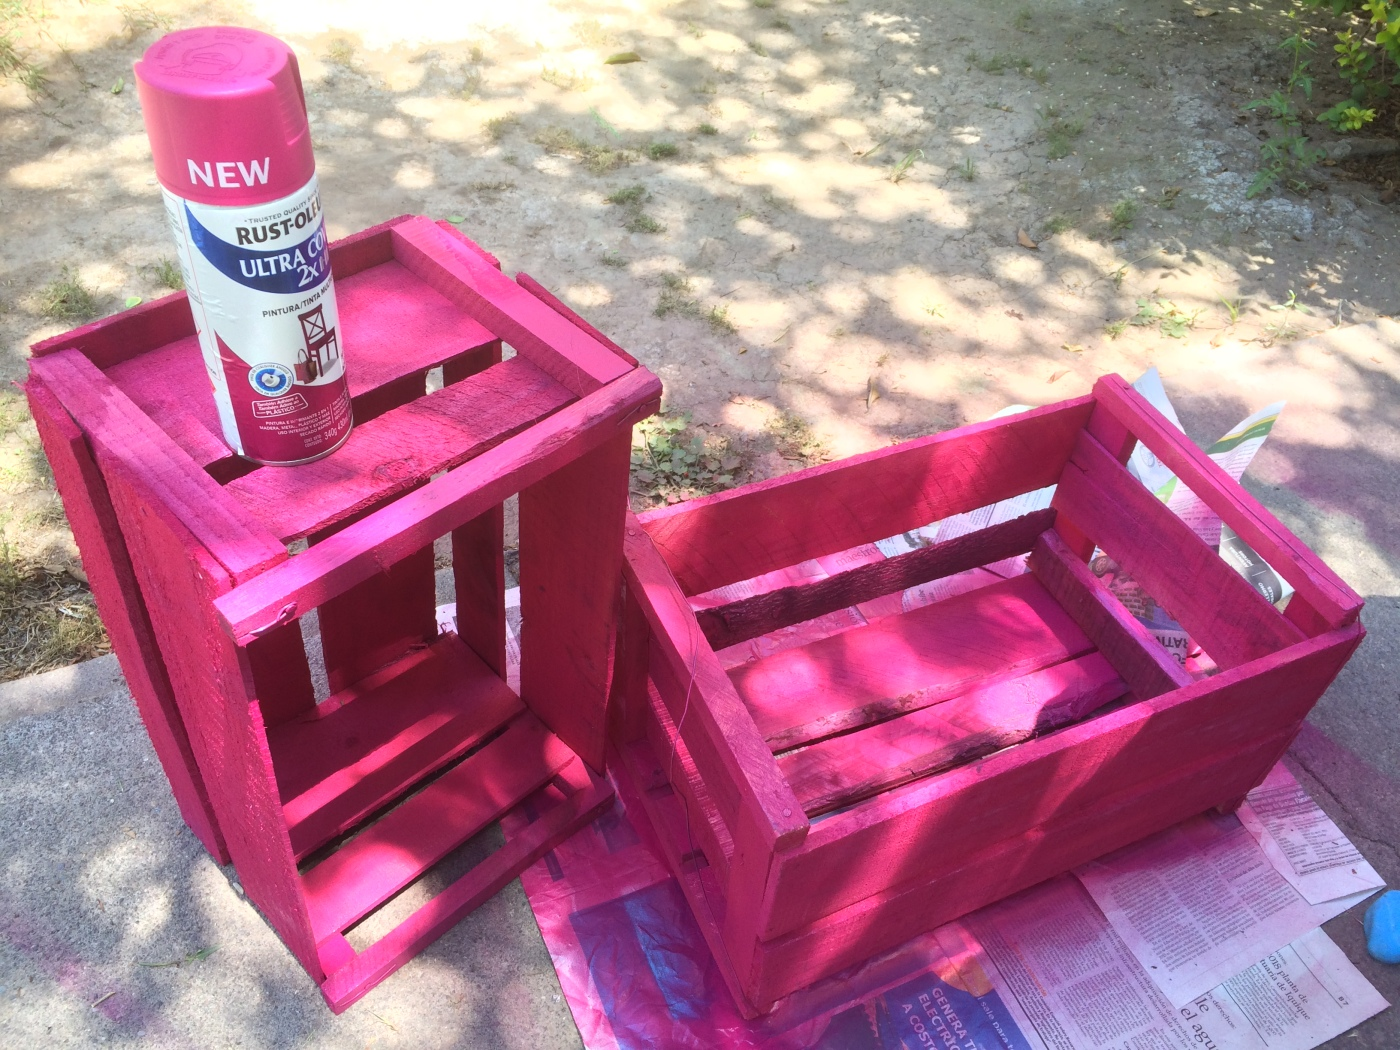 Proyecto DIY Rust-Oleum